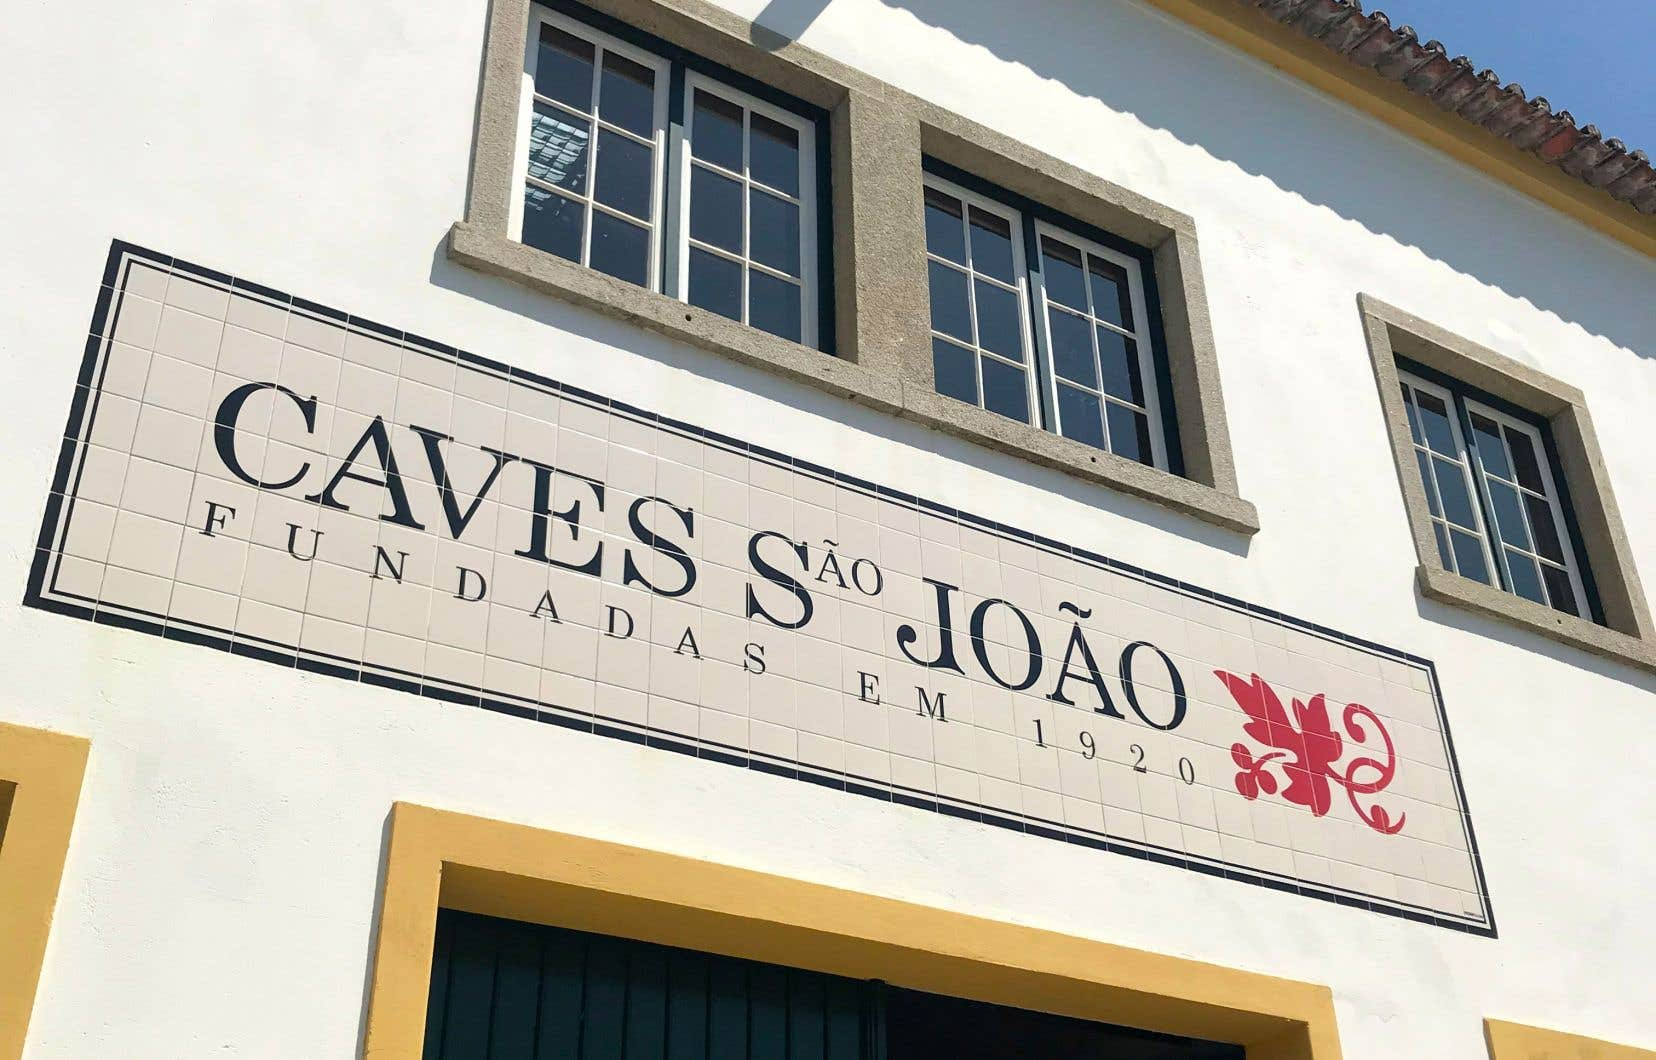 Caves São João en Bairrada: des cuvées à base du cépage blanc arinto et de cabernet sauvignon en rouge toujours en grande forme après un quart de siècle!